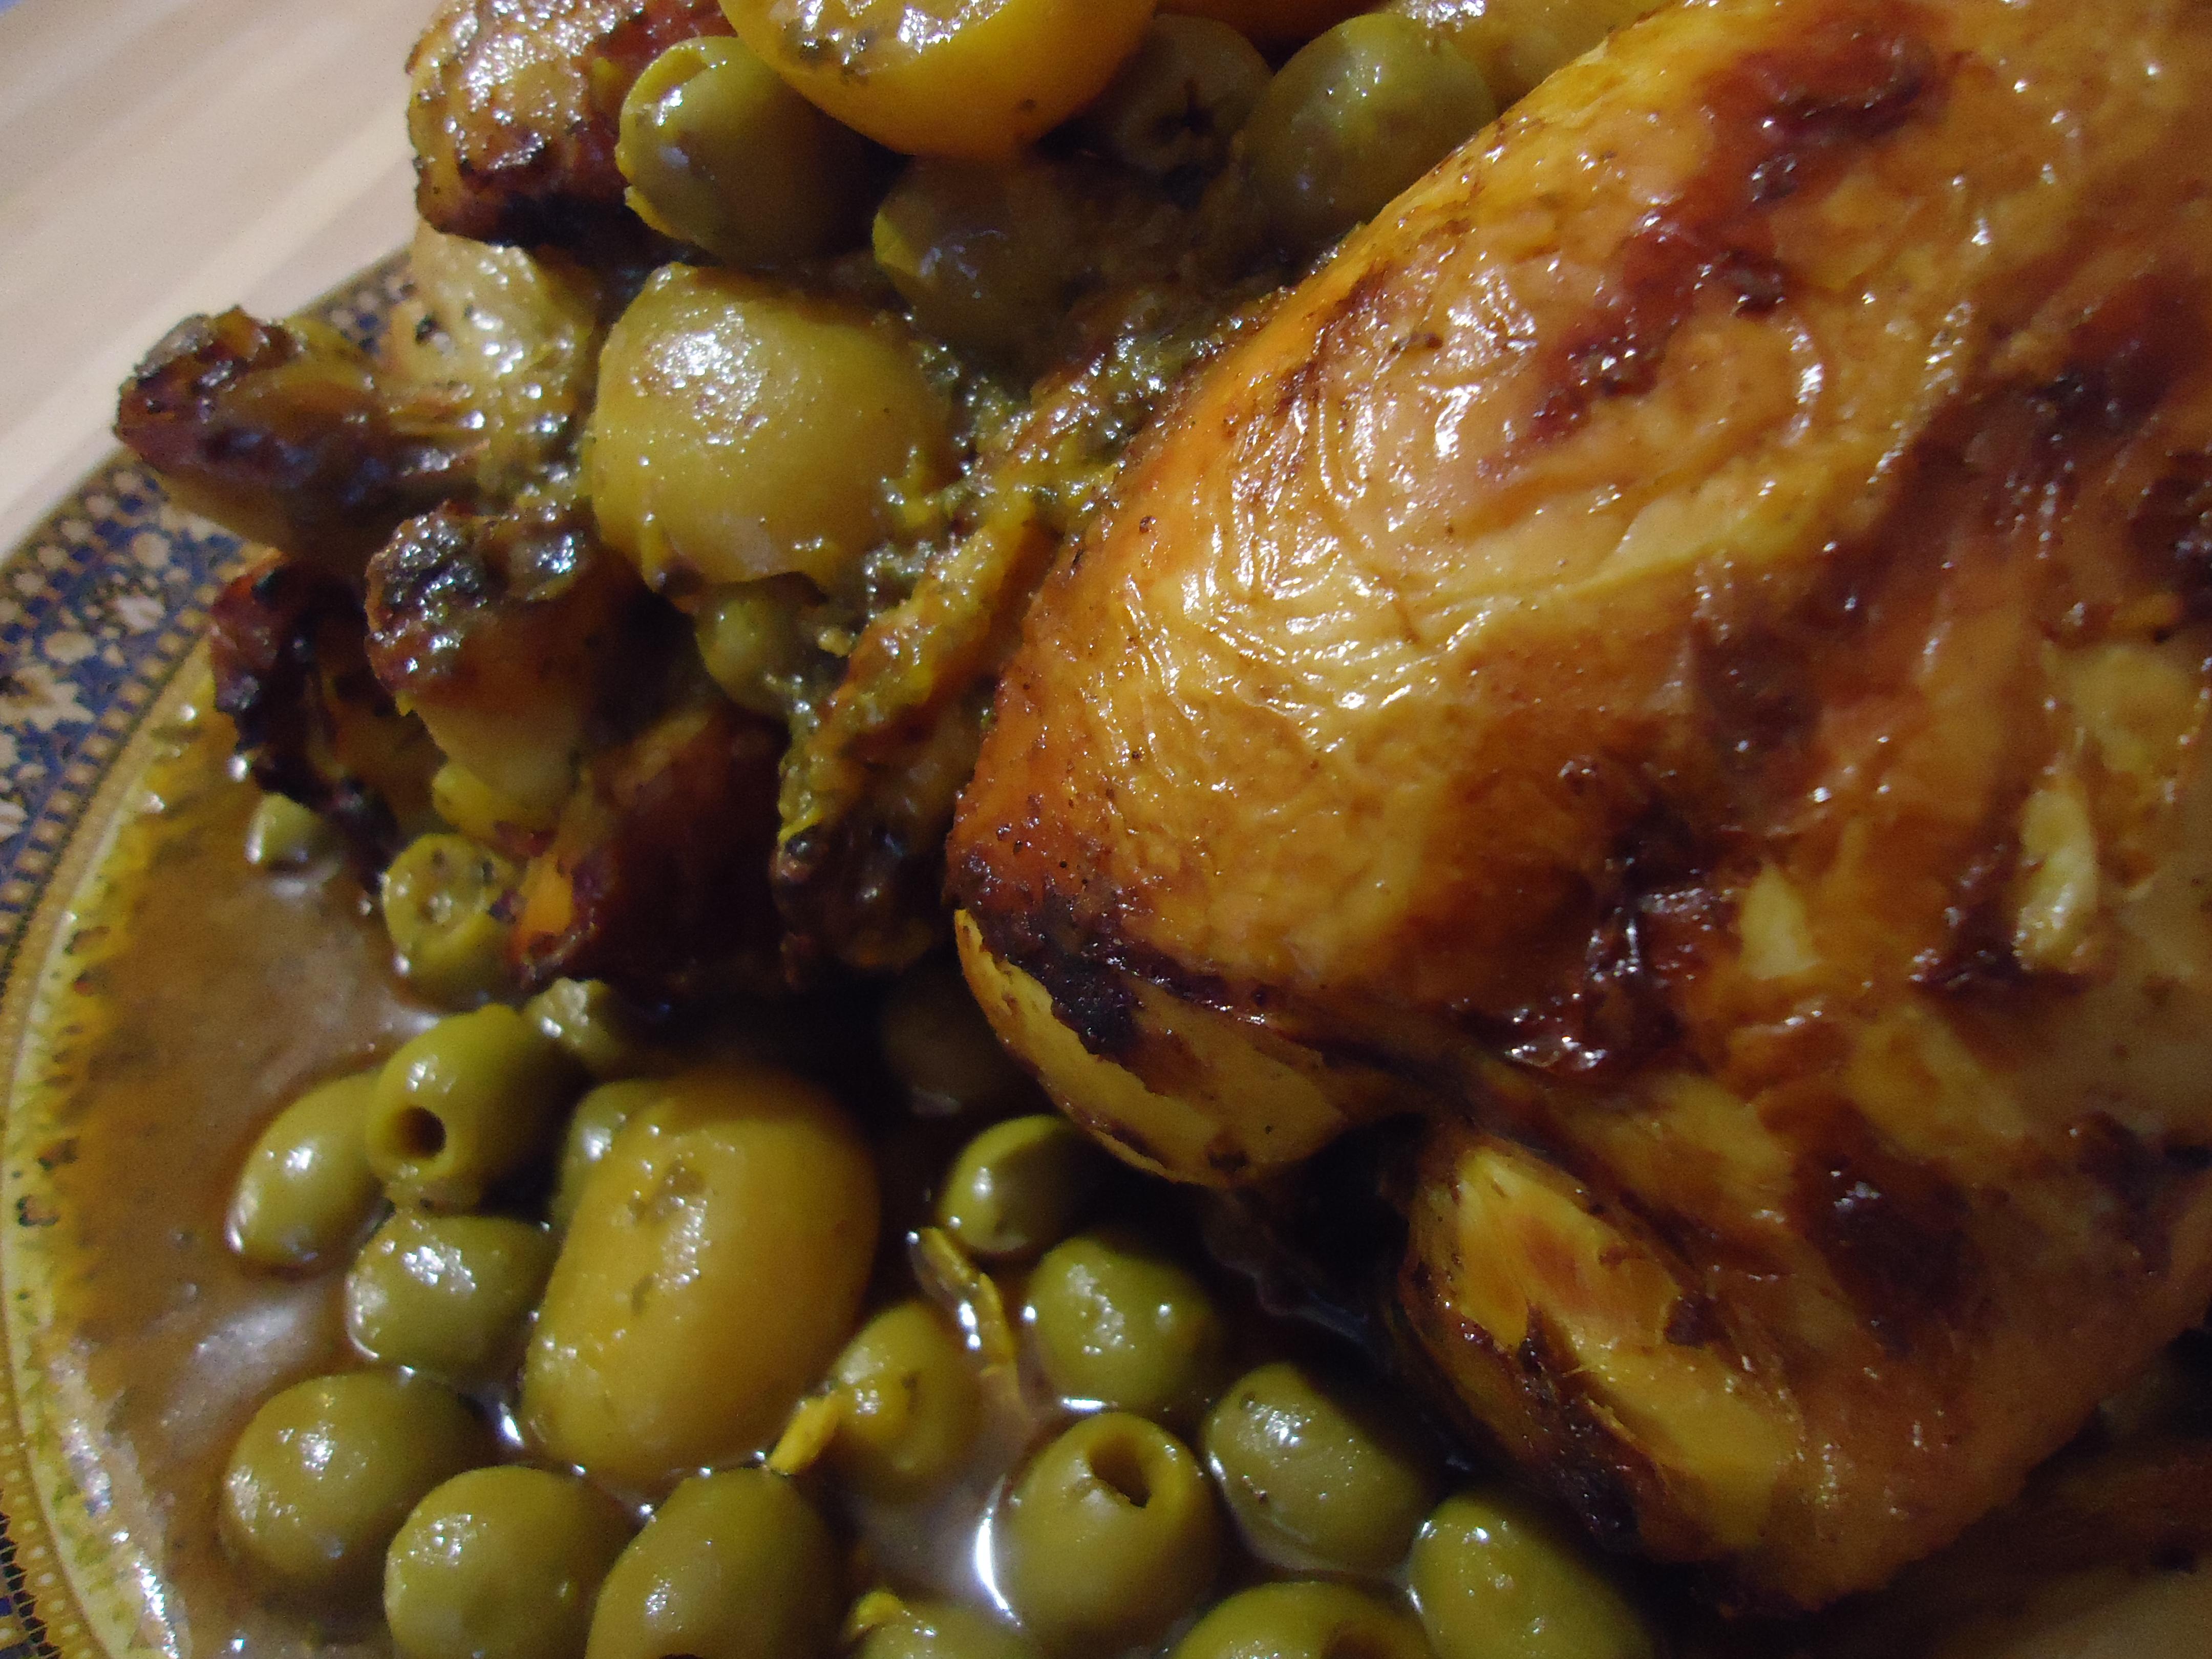 En espérant que mes poulets et ma recette vous plaisent. N'hésitez